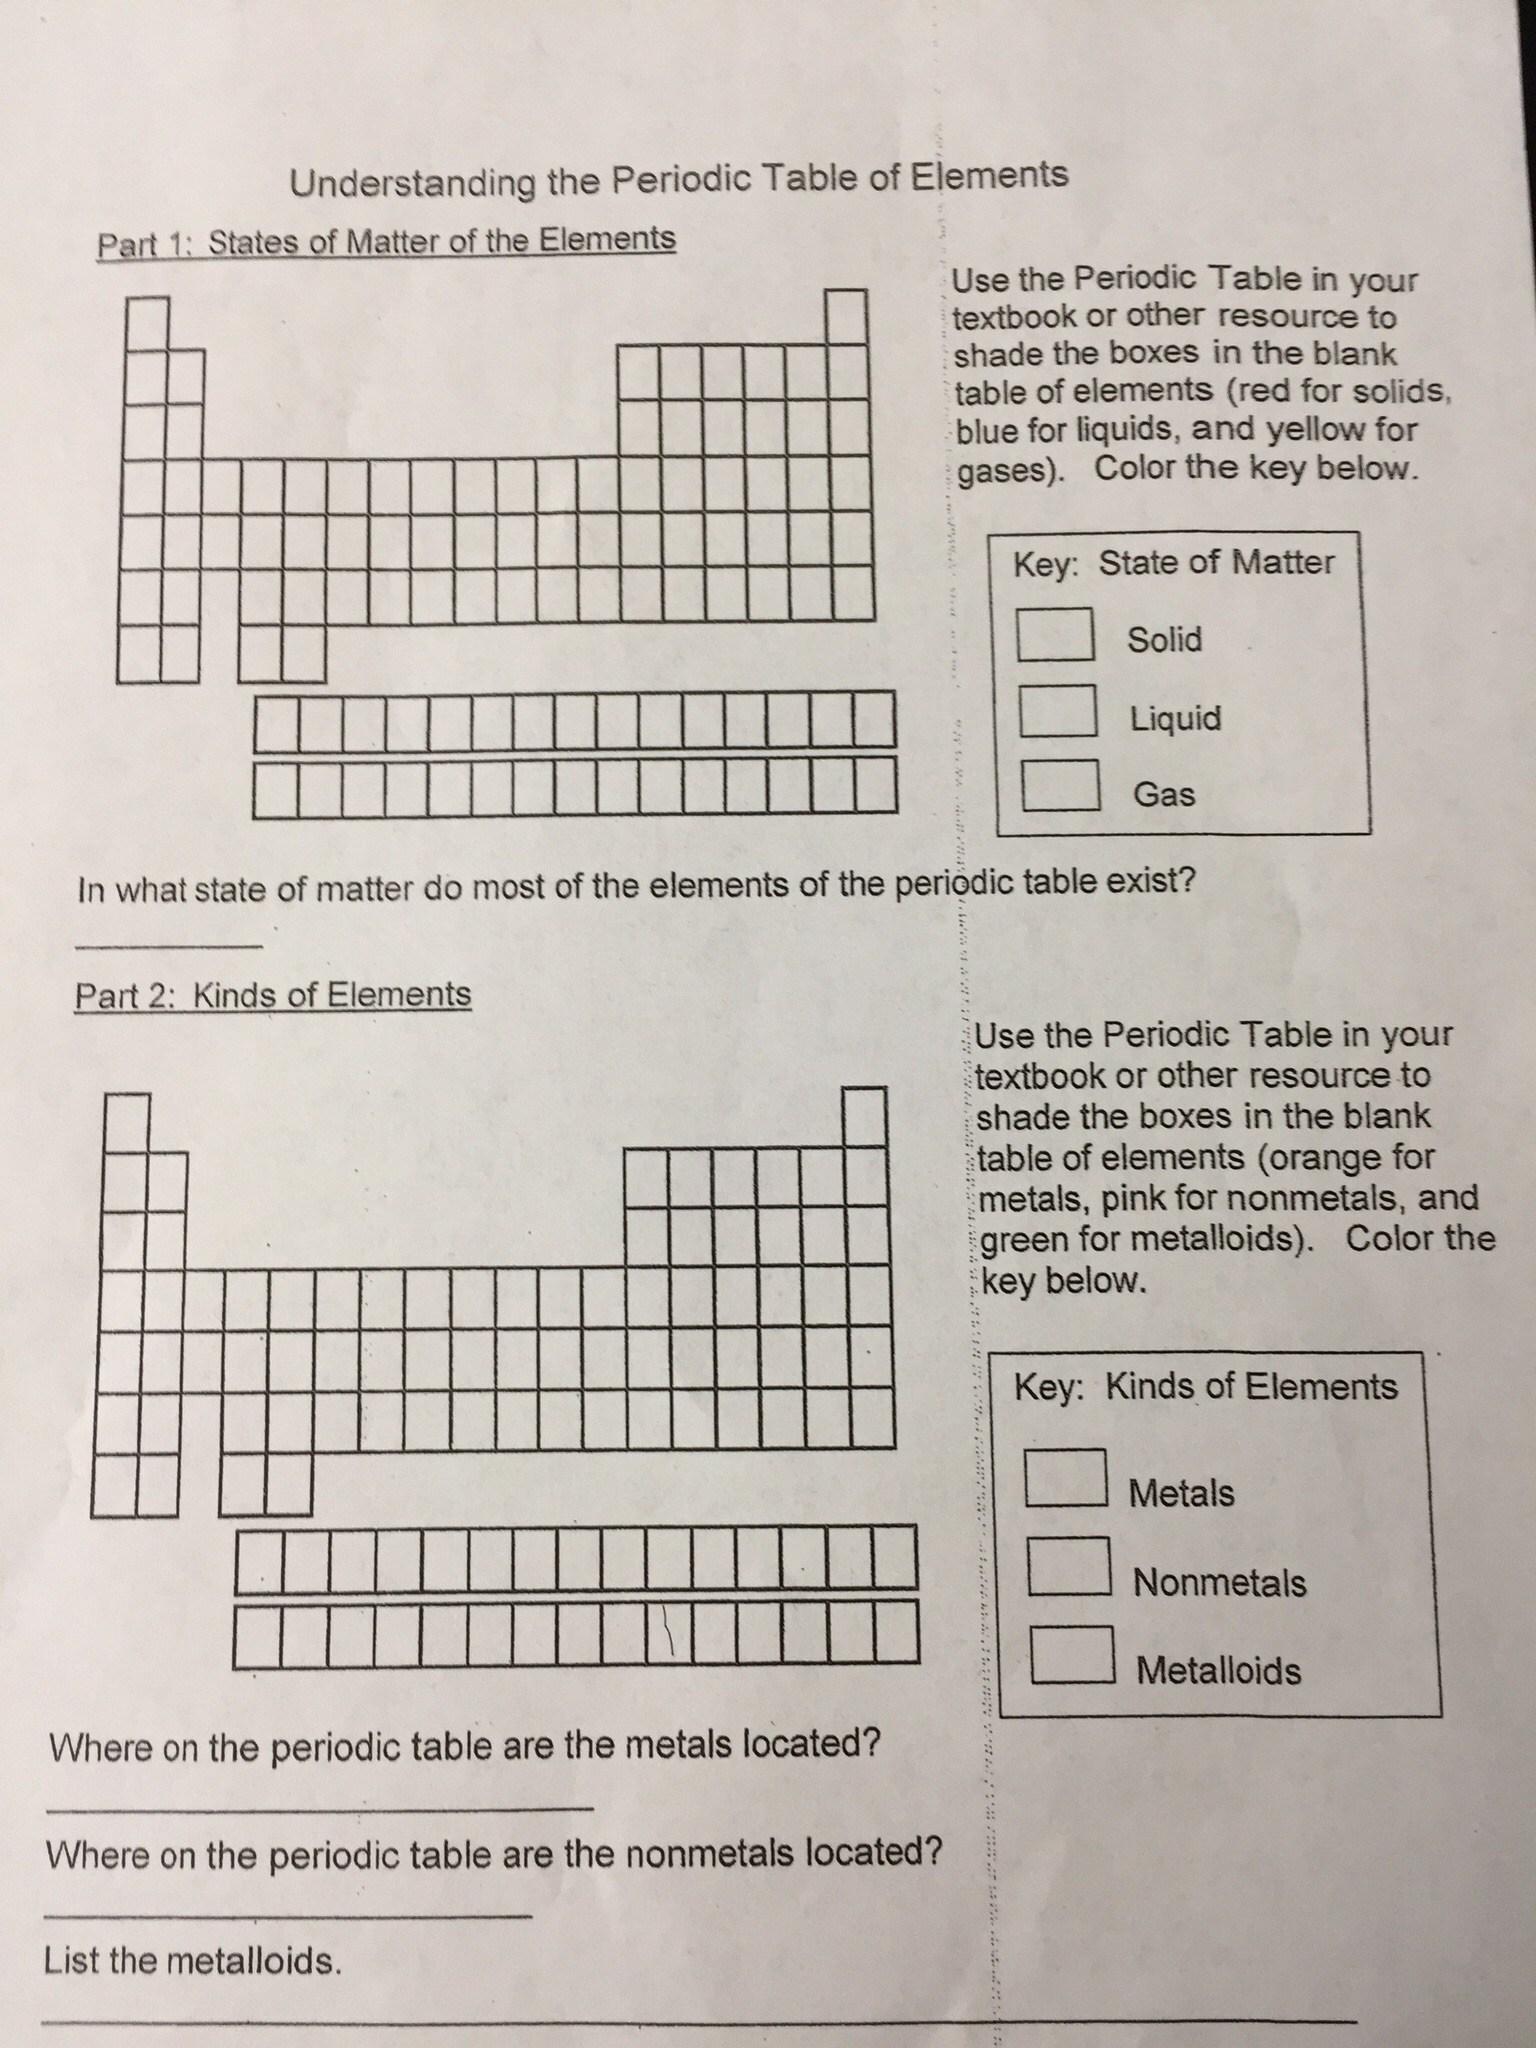 El sereno middle school coloring periodic table gamestrikefo Image collections